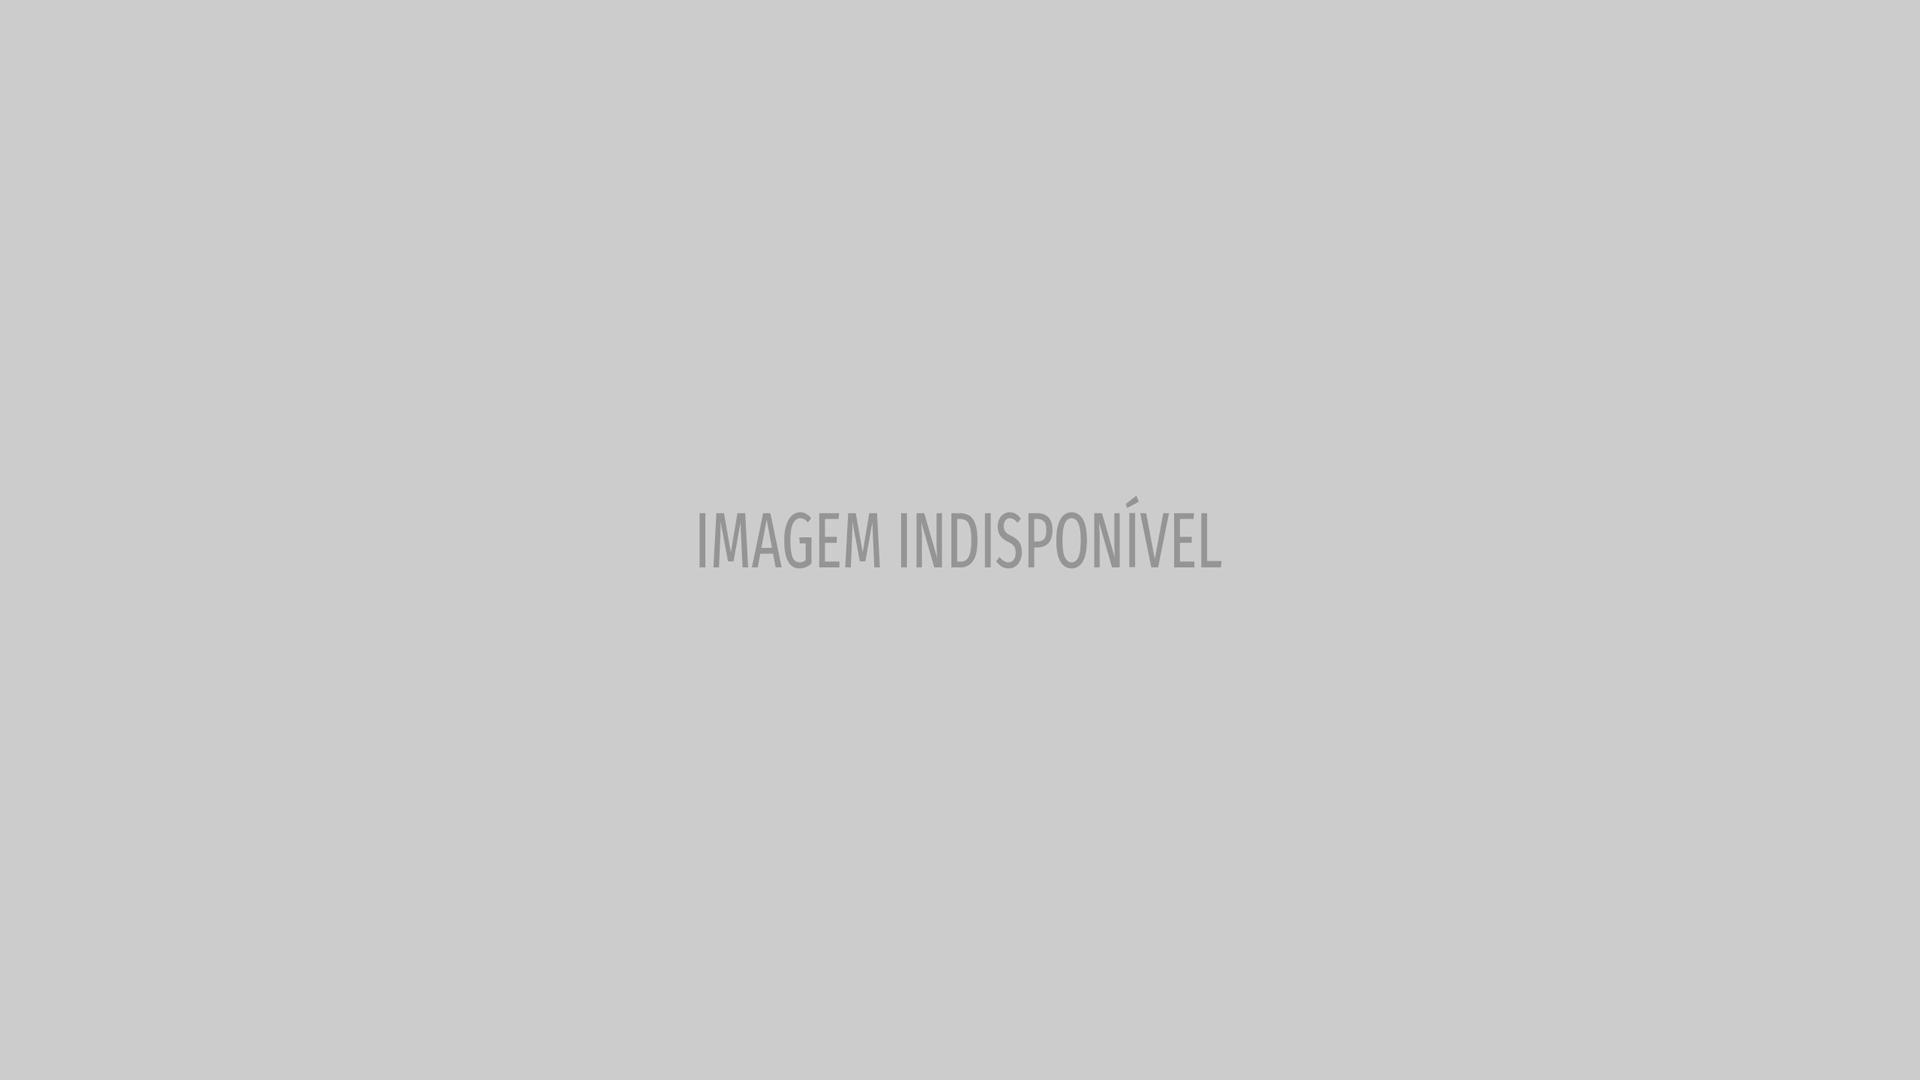 O calendário de Jessie J com muita sensualidade à mistura